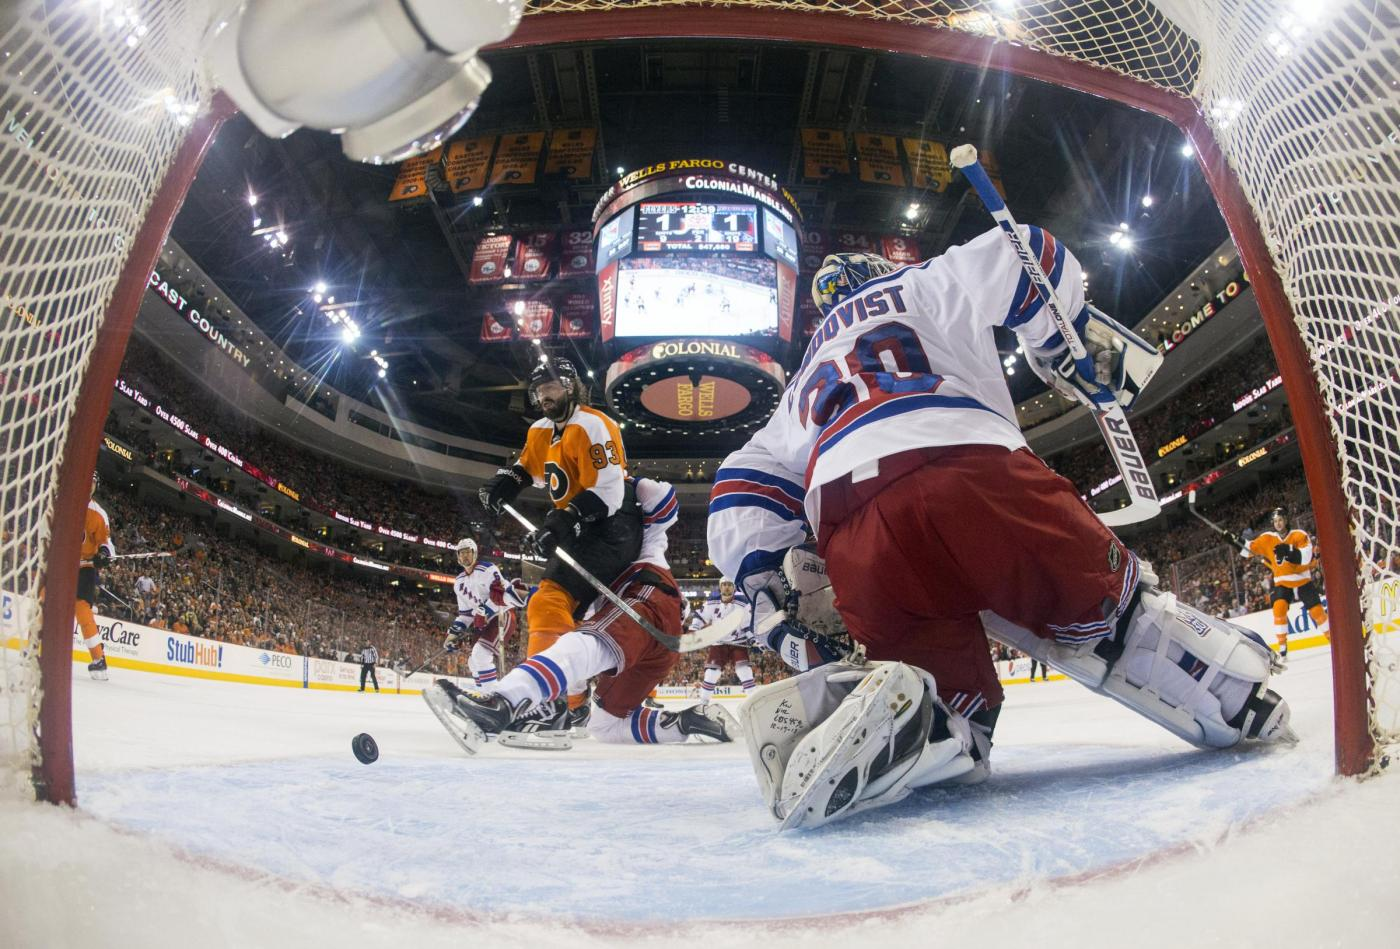 Pronostici NHL 6 marzo, Flyers contro gli Hurricanes, bella sfida, Toronto sale ancora?tite, ostacolo Hurricanes per i Capitals